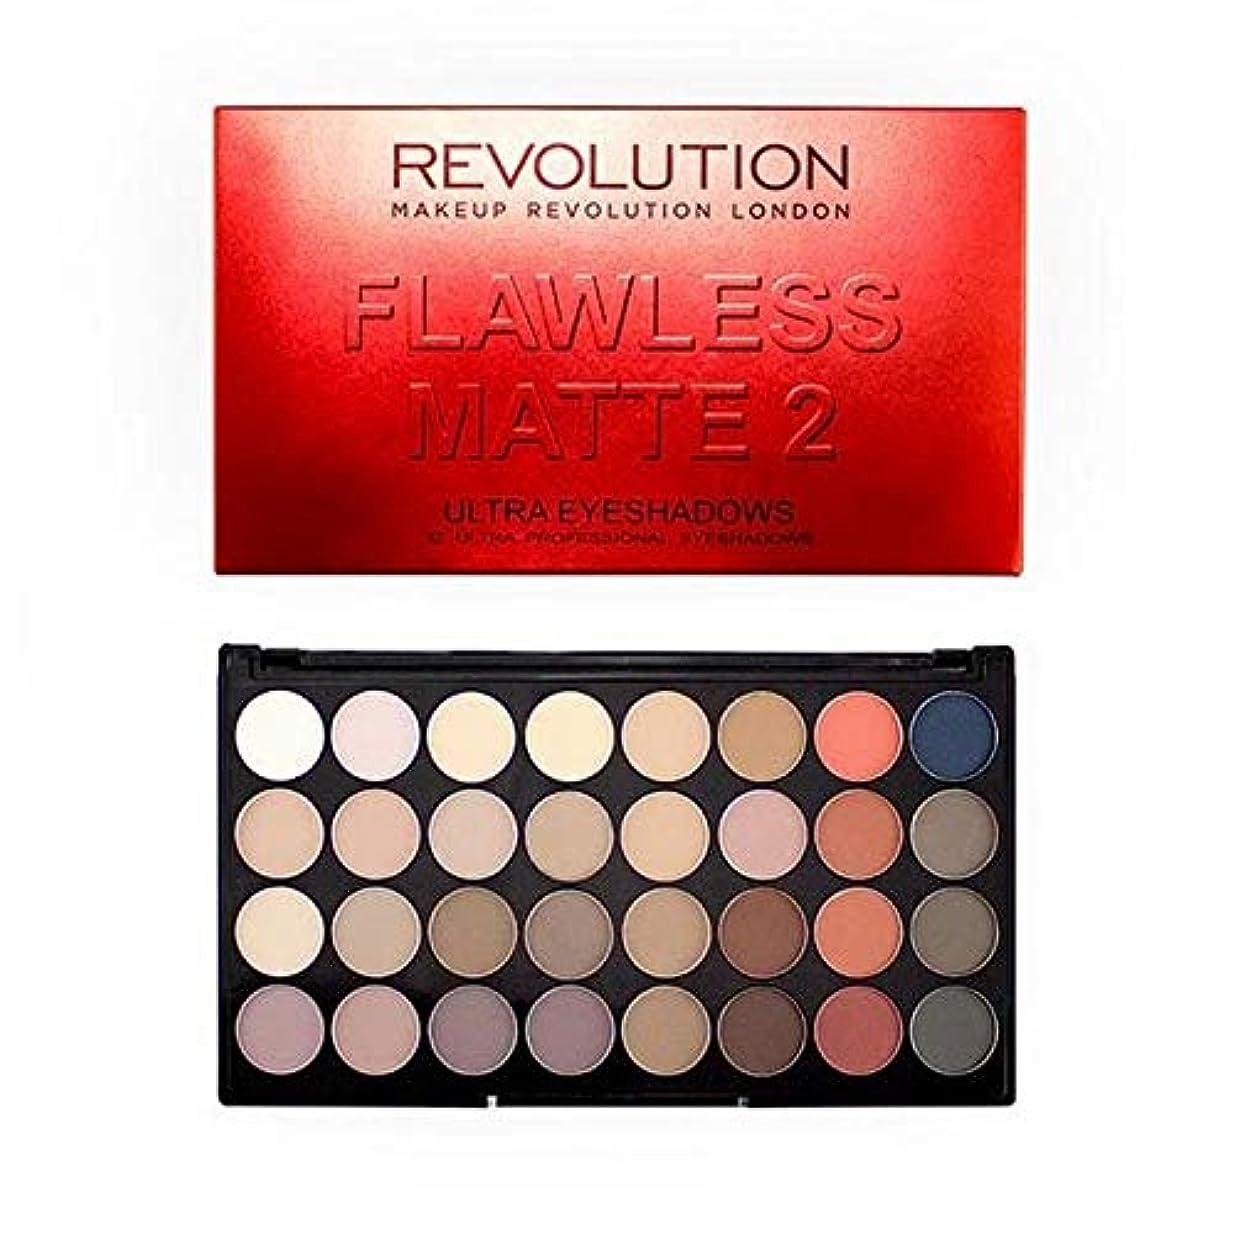 熟達パイ例外[Revolution ] 革命完璧なマット2アイシャドウパレット - Revolution Flawless Matte 2 Eye Shadow Palette [並行輸入品]